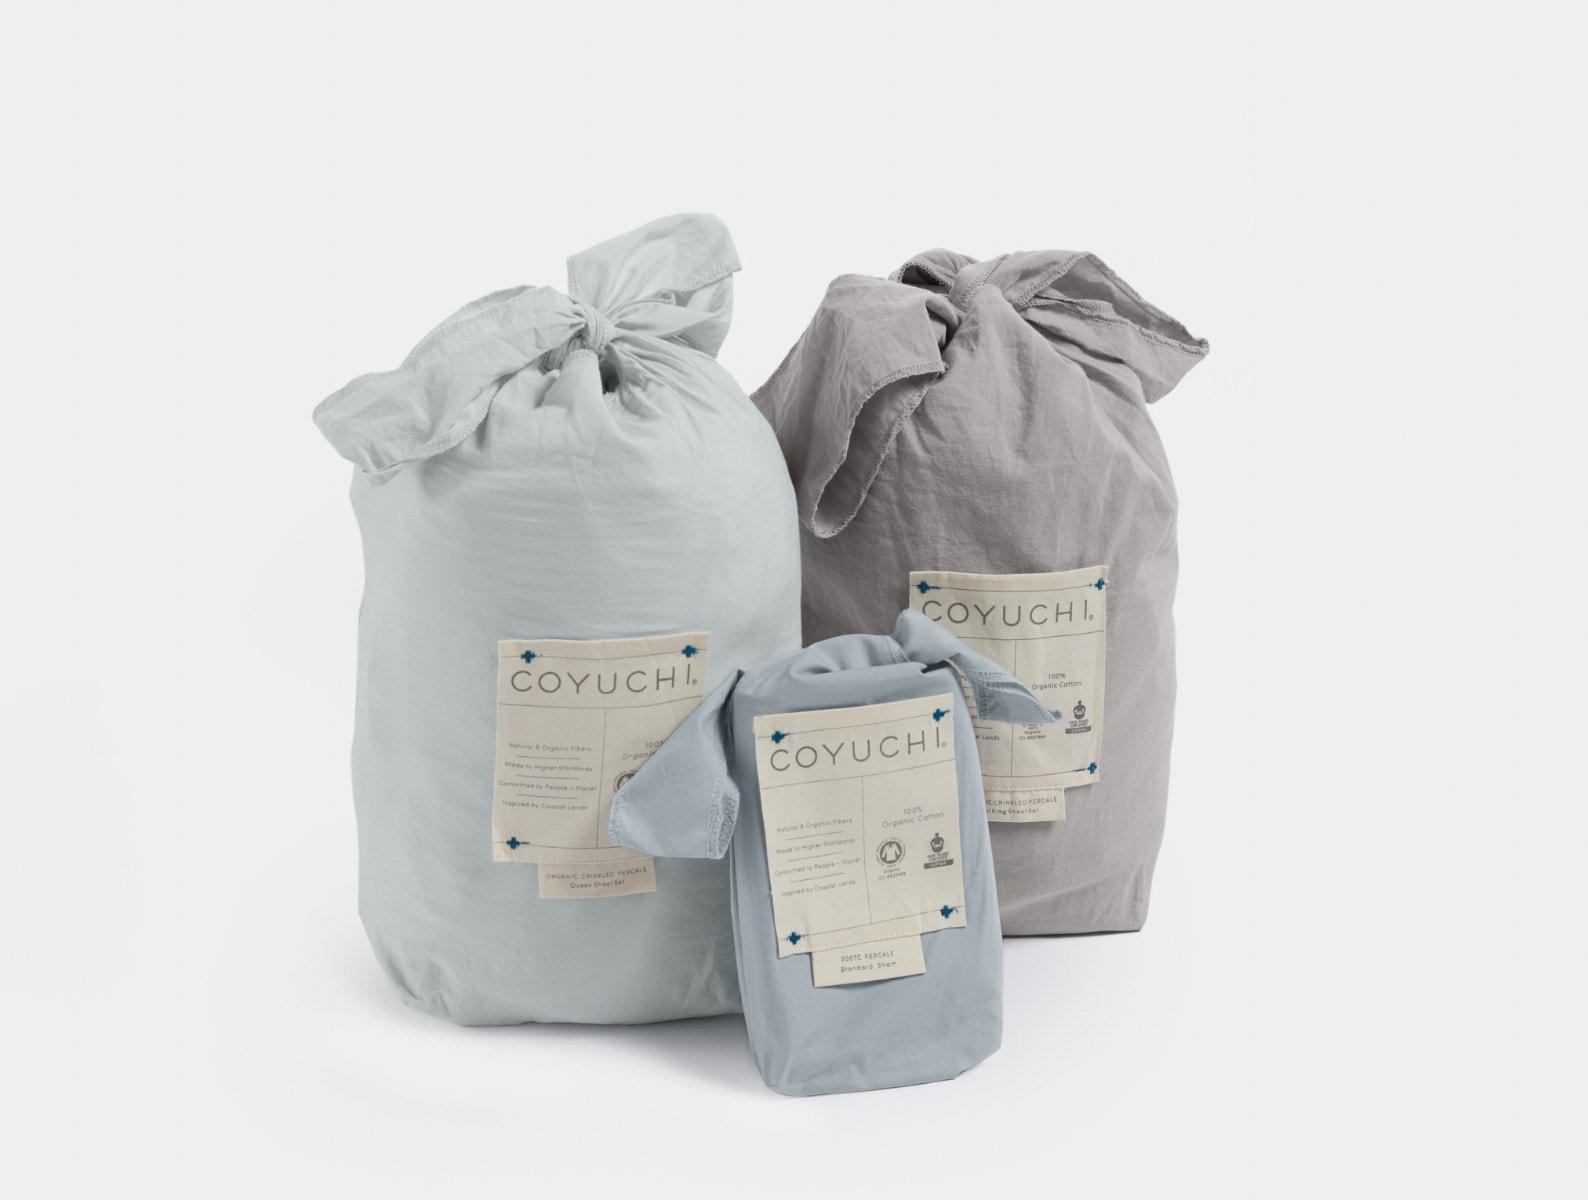 Coyuchi fabric bags